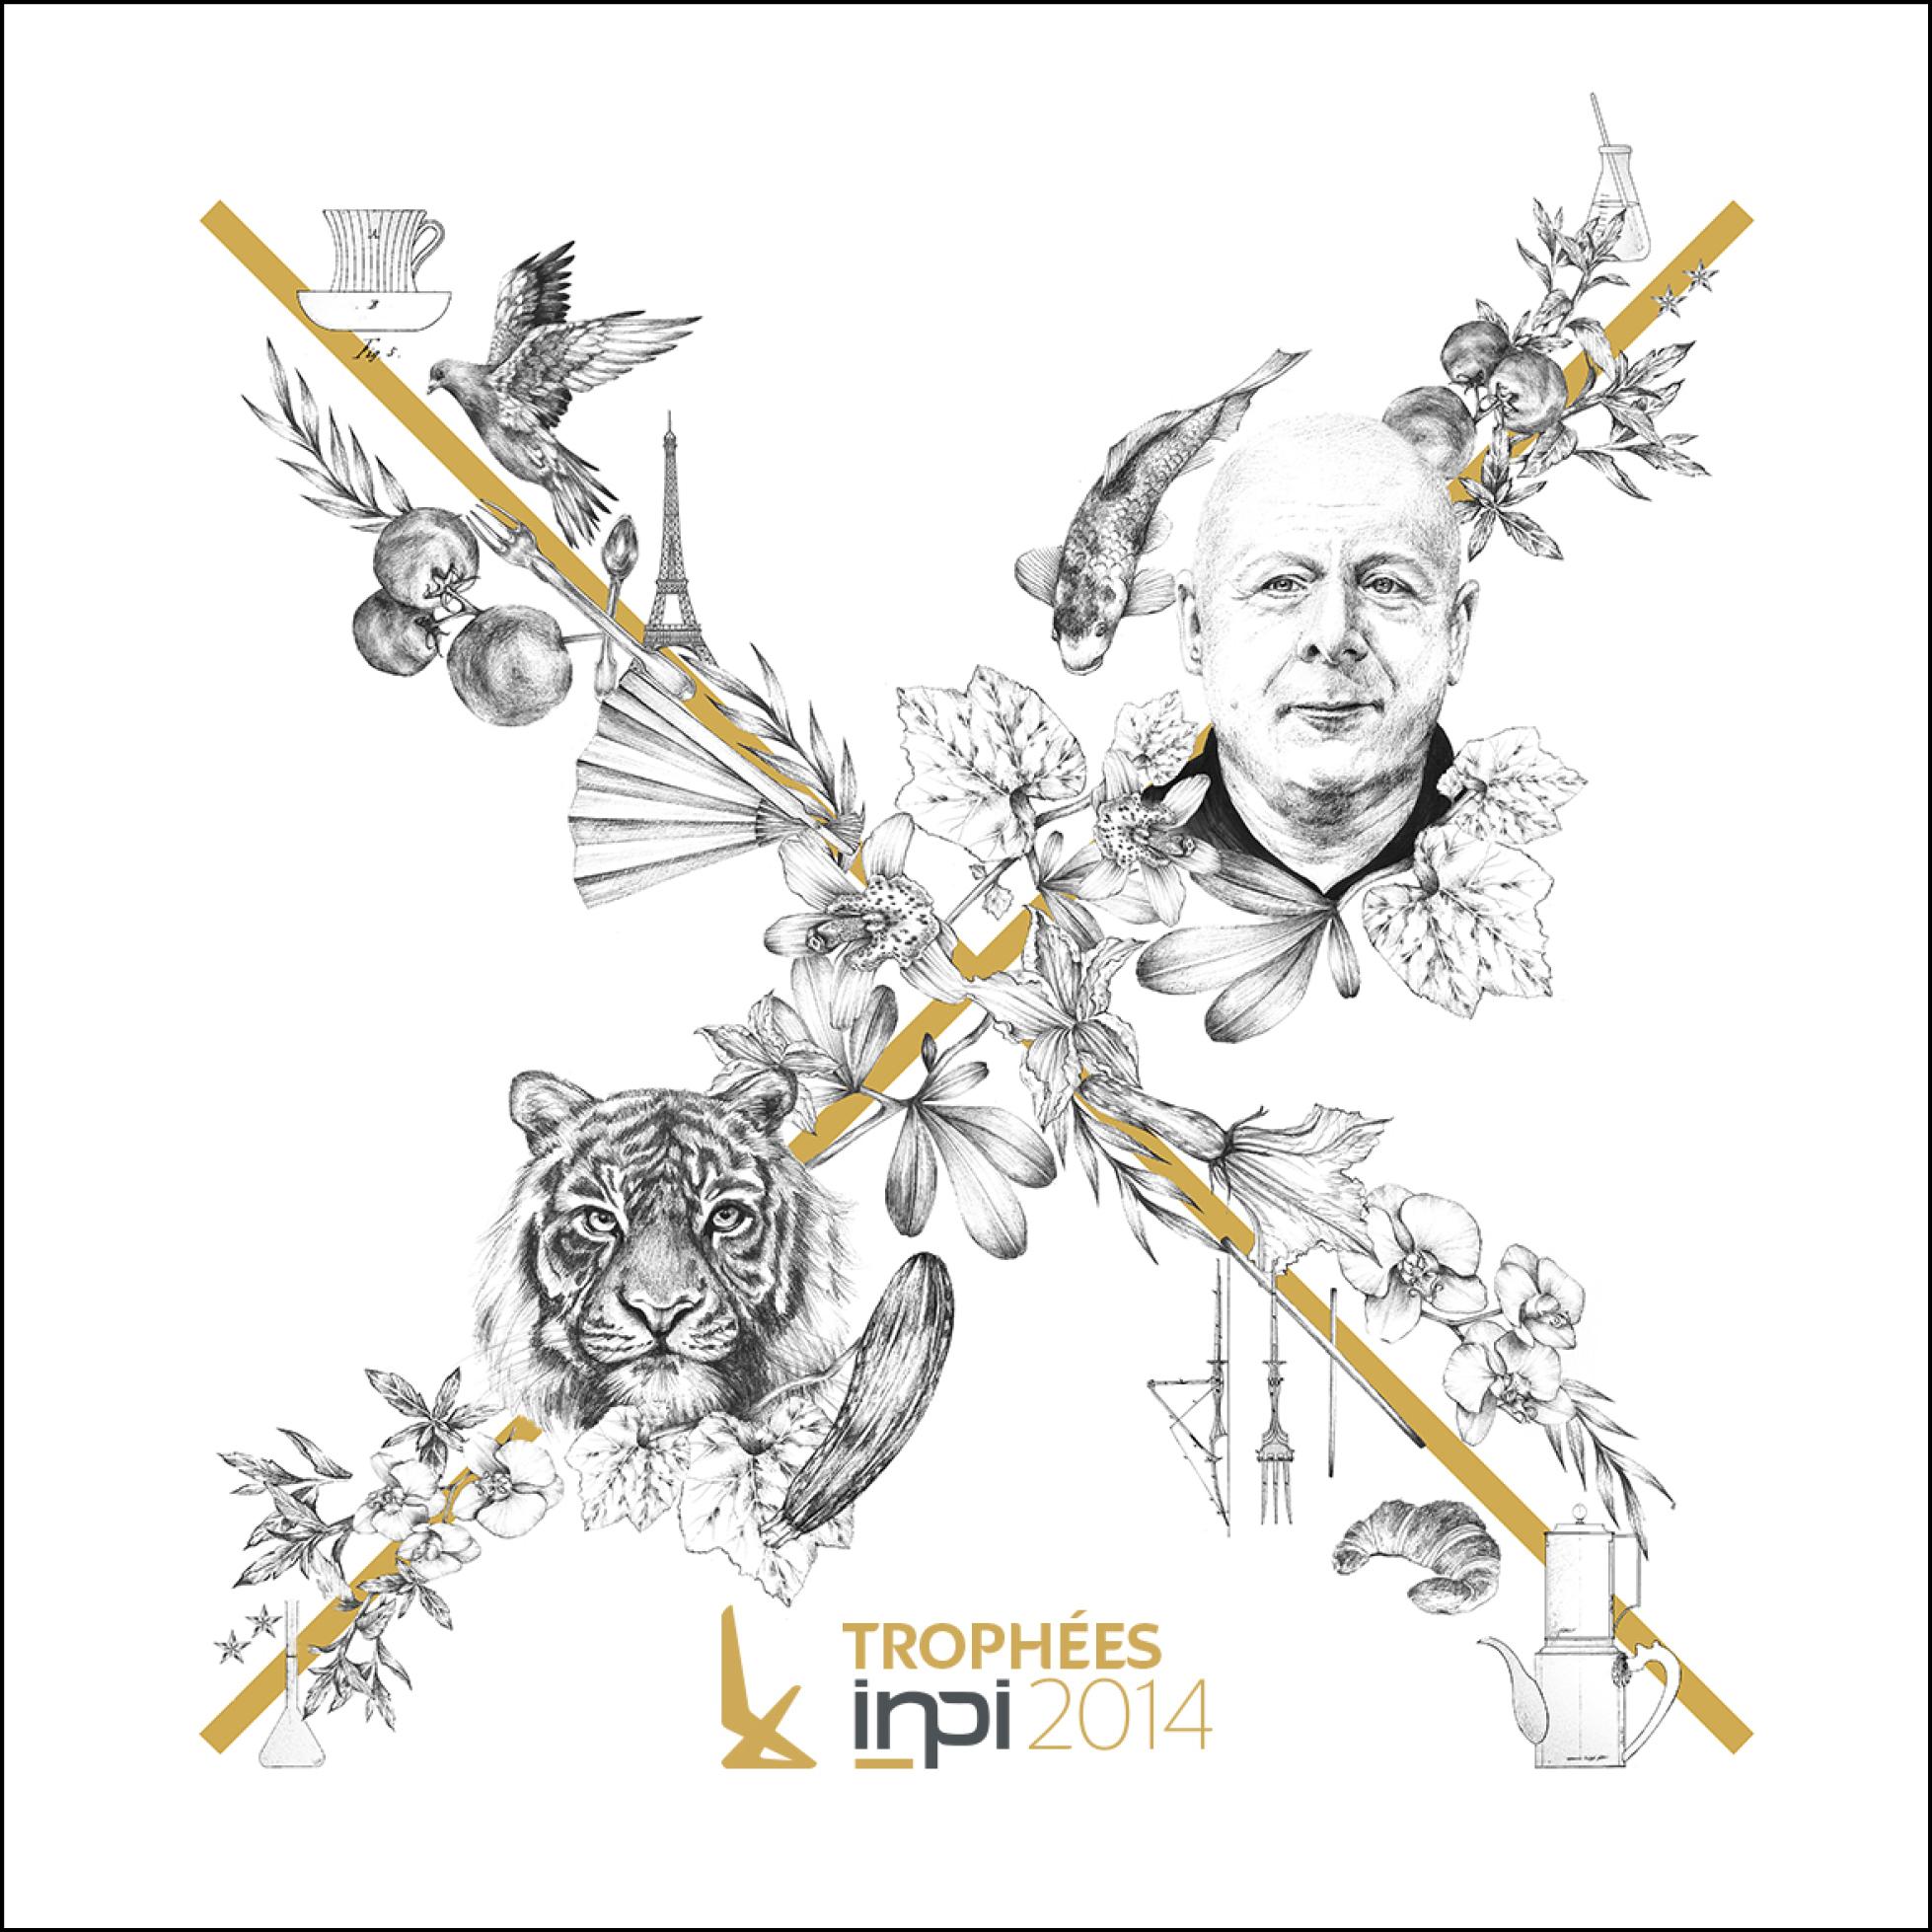 Vignette branding des Trophées INPI 2014 par l agence secrète